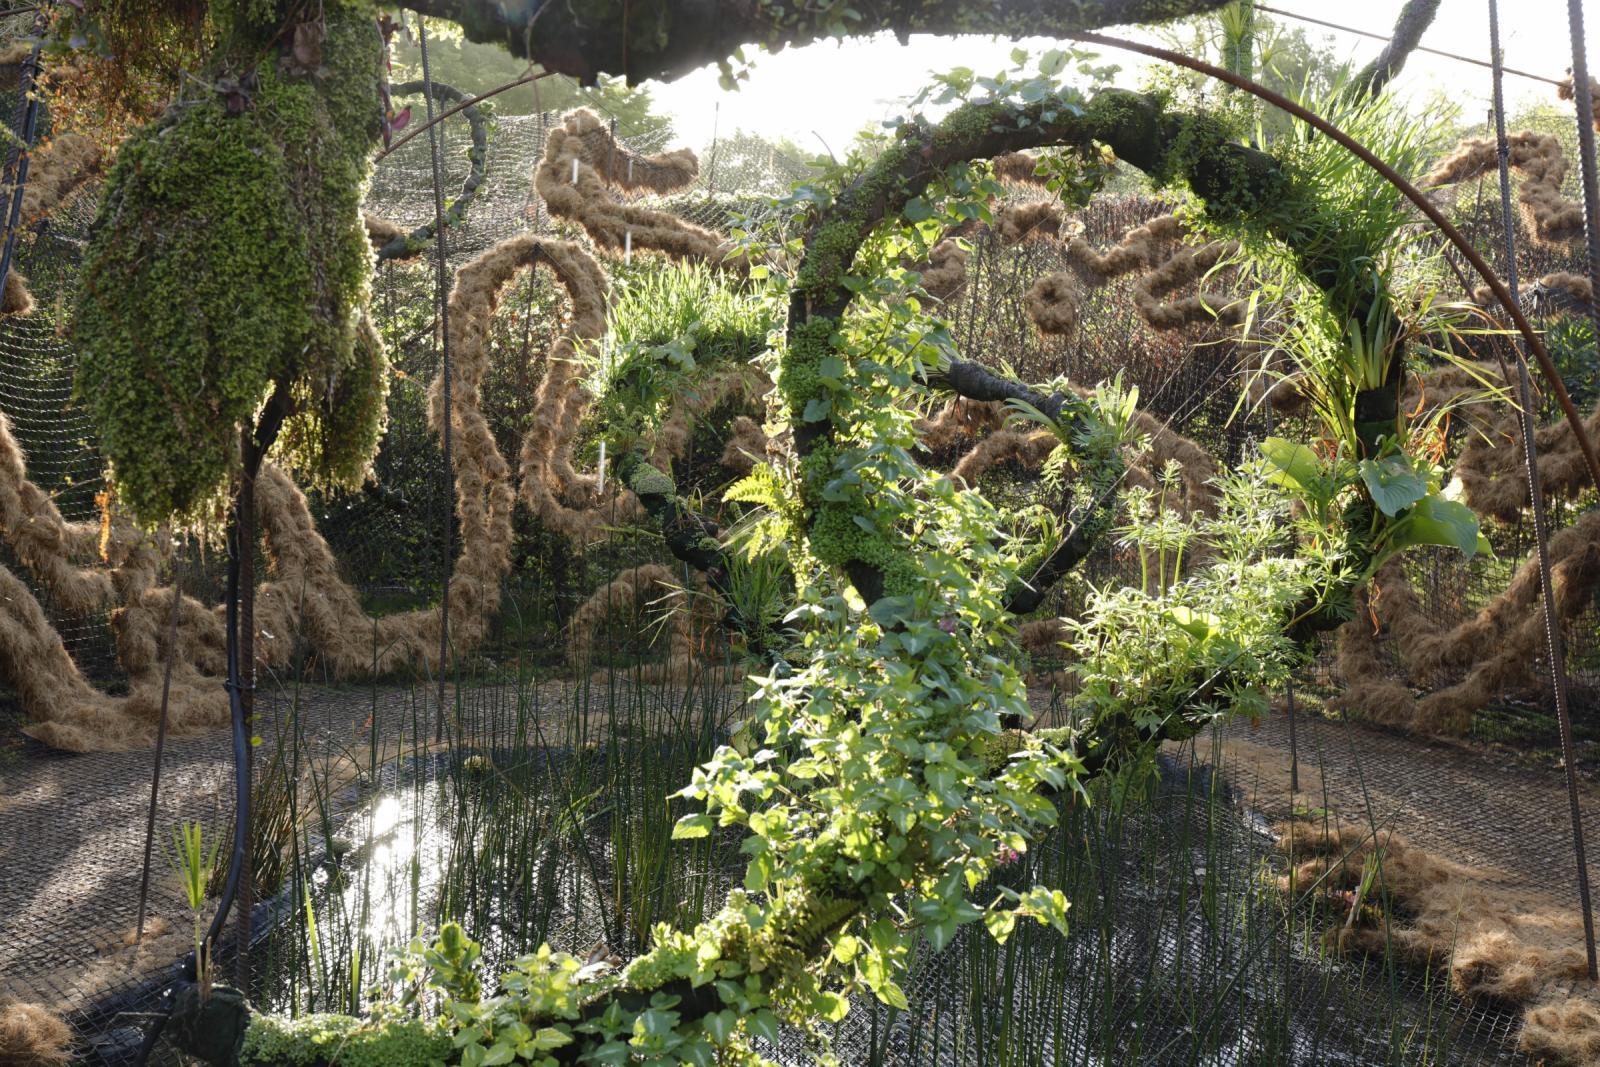 Le jardin flottant du songe domaine de chaumont sur loire - Jardins chaumont sur loire ...